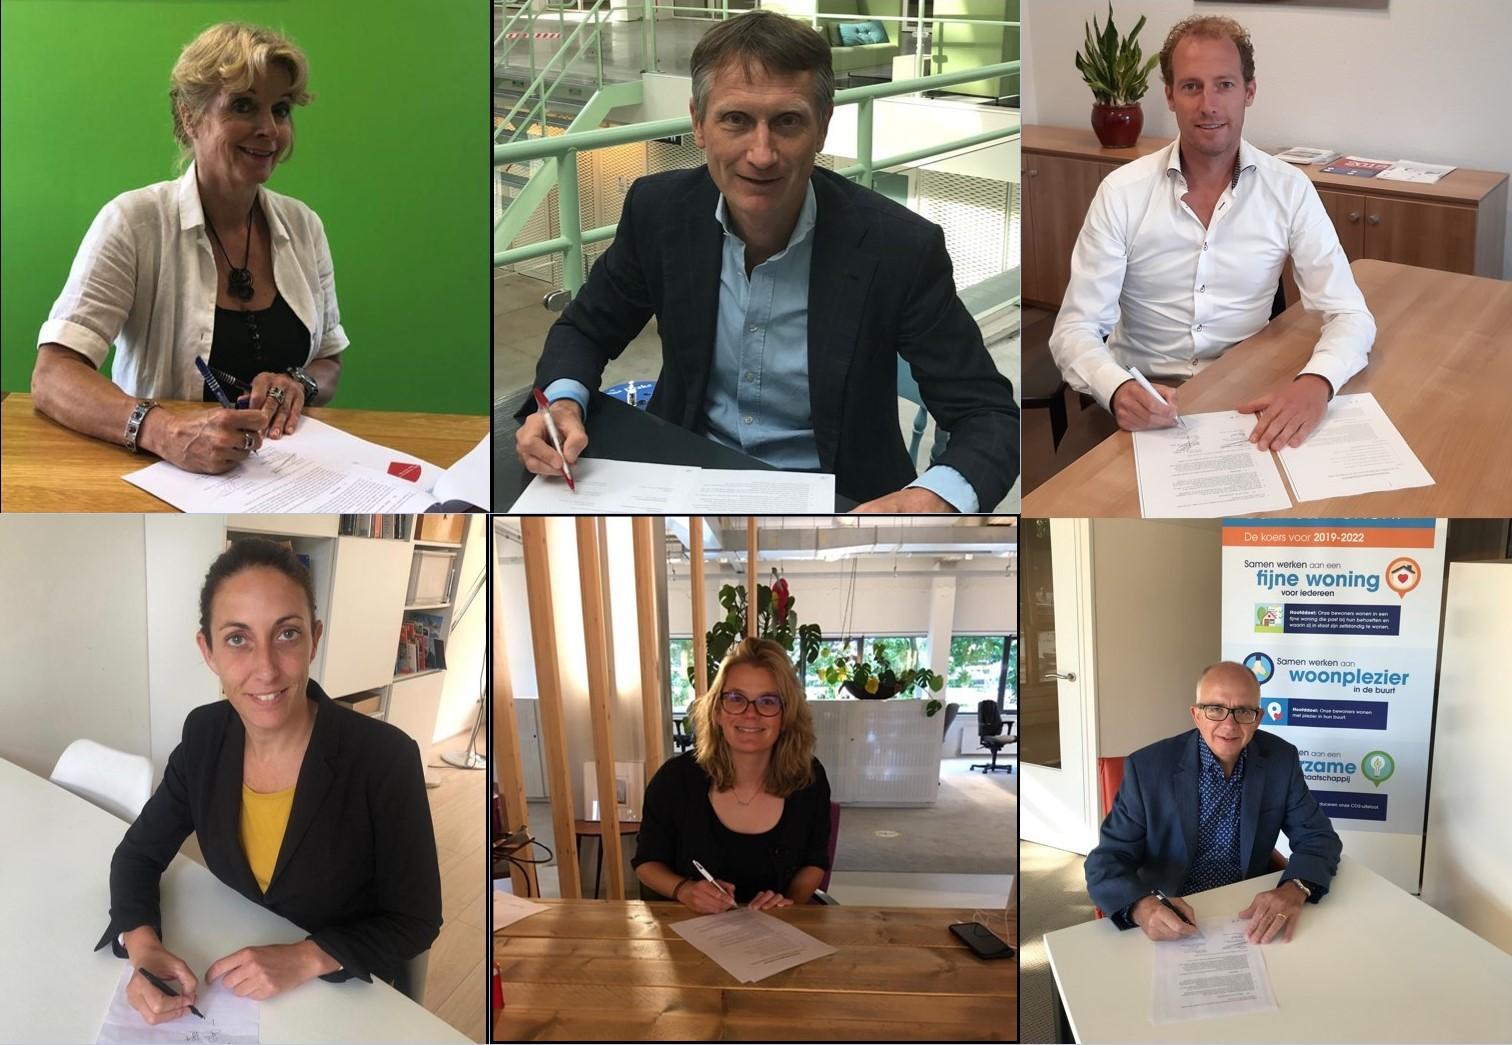 Corporaties in Gooi en Vechtstreek gaan nauwer samenwerken: platform voor betere leefbaarheid en meer betaalbaar wonen